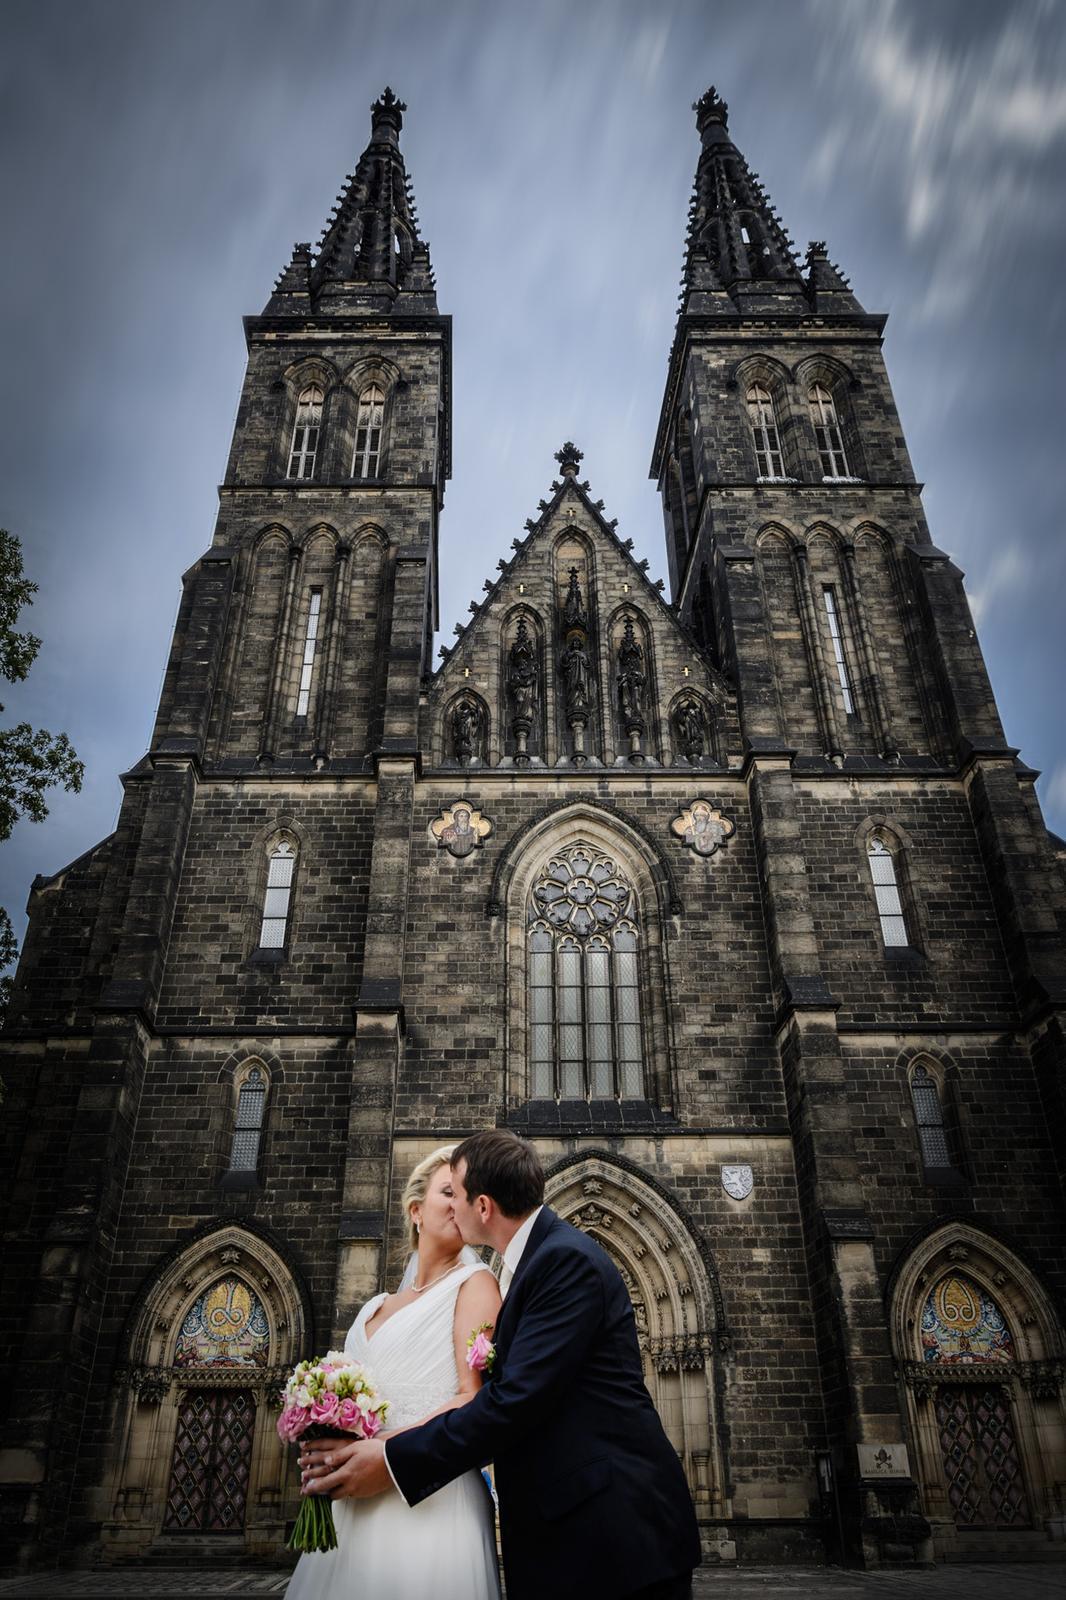 Svatební fotograf Karel Královec - kralovecphoto - Obrázek č. 46